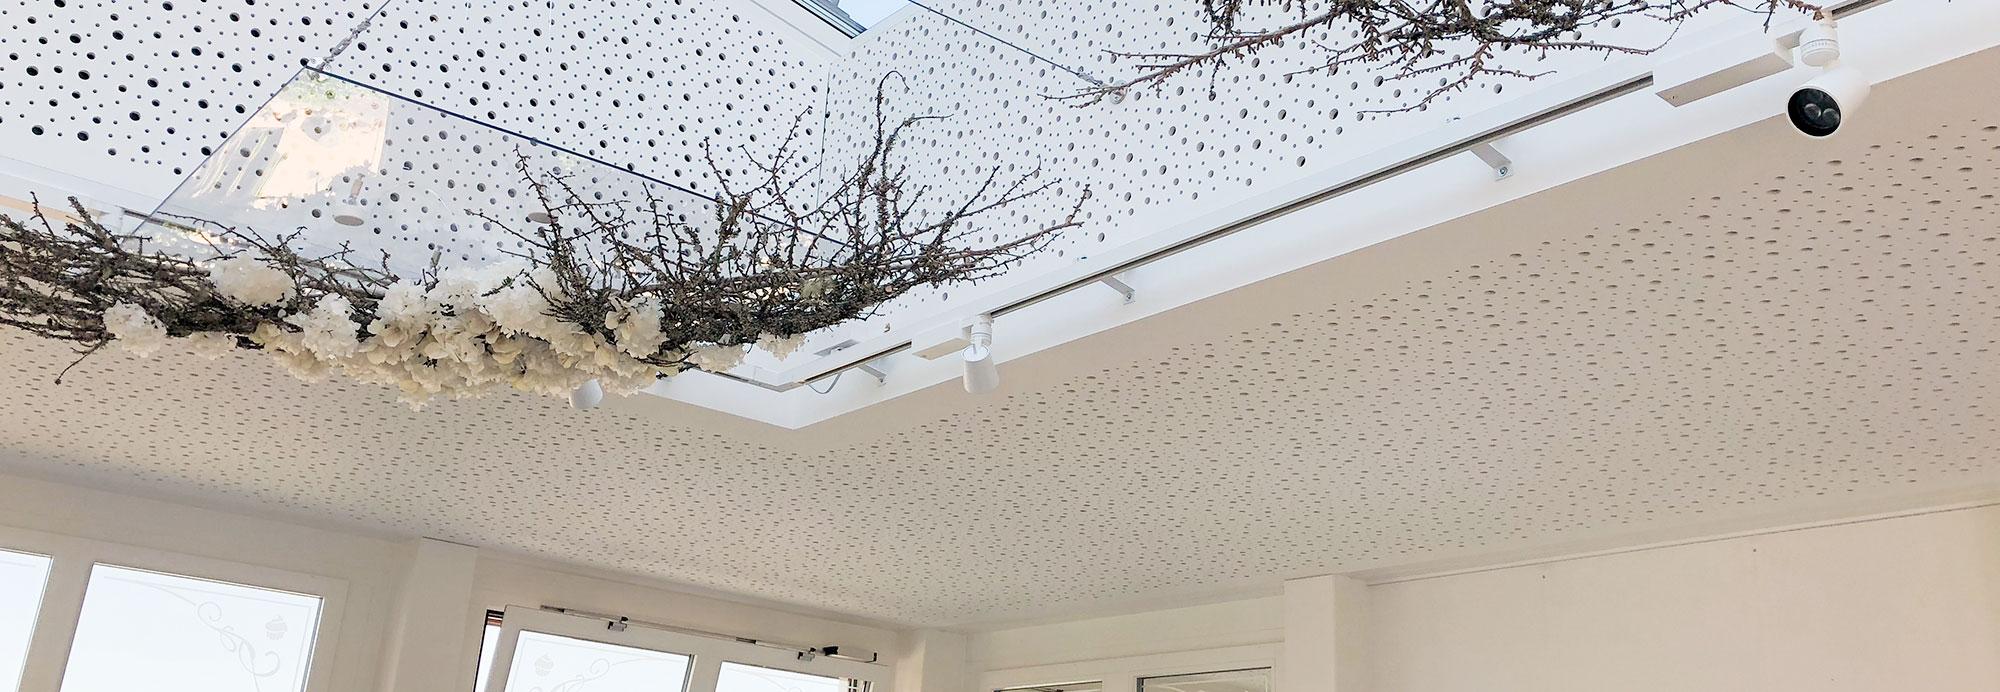 Die Vogel Trockenbaumontage GmbH hilft bei Deckenbekleidung, Wandsysteme, Gipsarbeiten, Brandschutz oder Trockenböden! Rufen sie uns jetzt an!